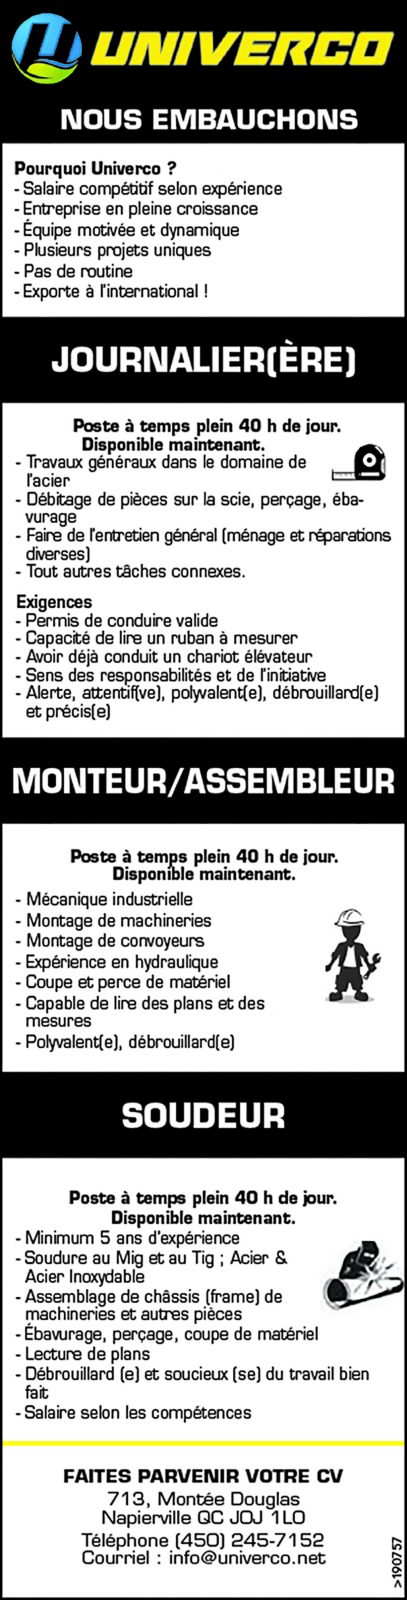 JOURNALIER(ÈRE) / MONTEUR/ASSEMBLEUR / SOUDEUR